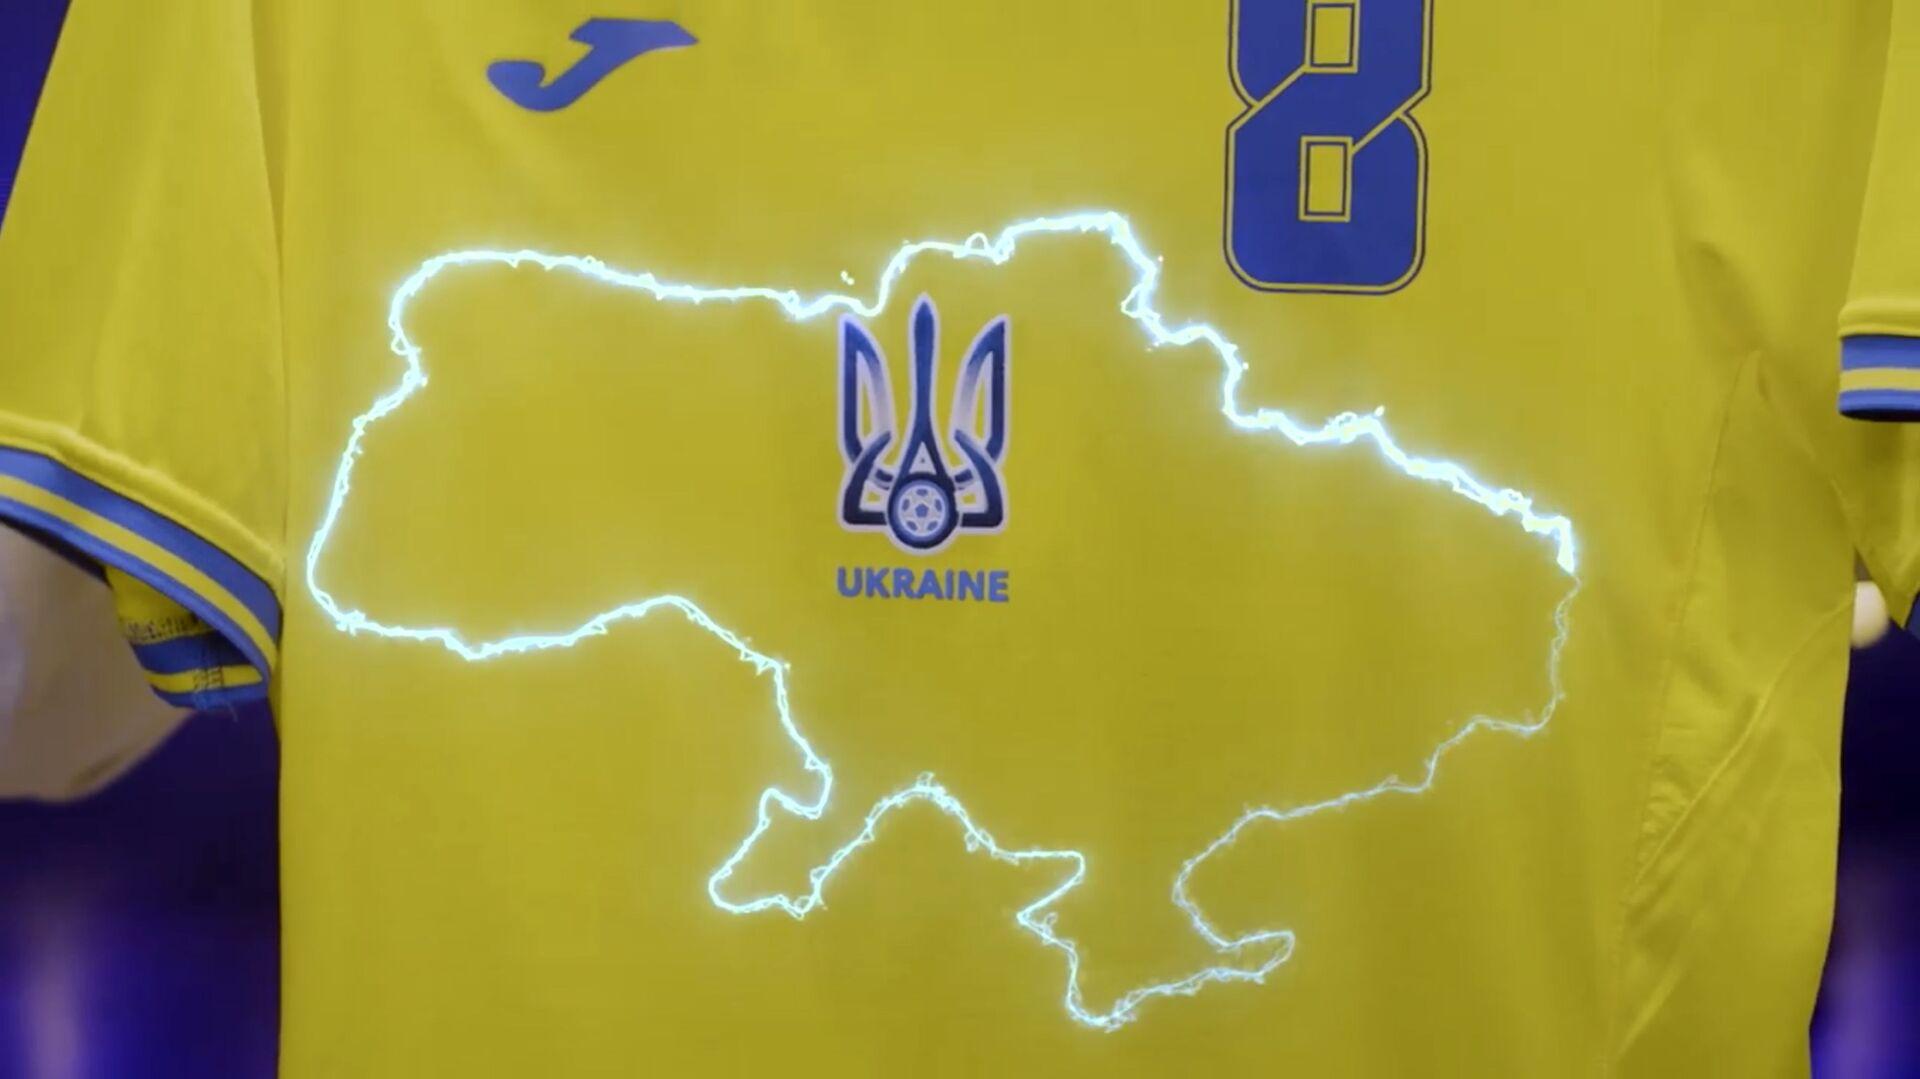 Strój reprezentacji narodowej Ukrainy w piłce nożnej      - Sputnik Polska, 1920, 10.09.2021